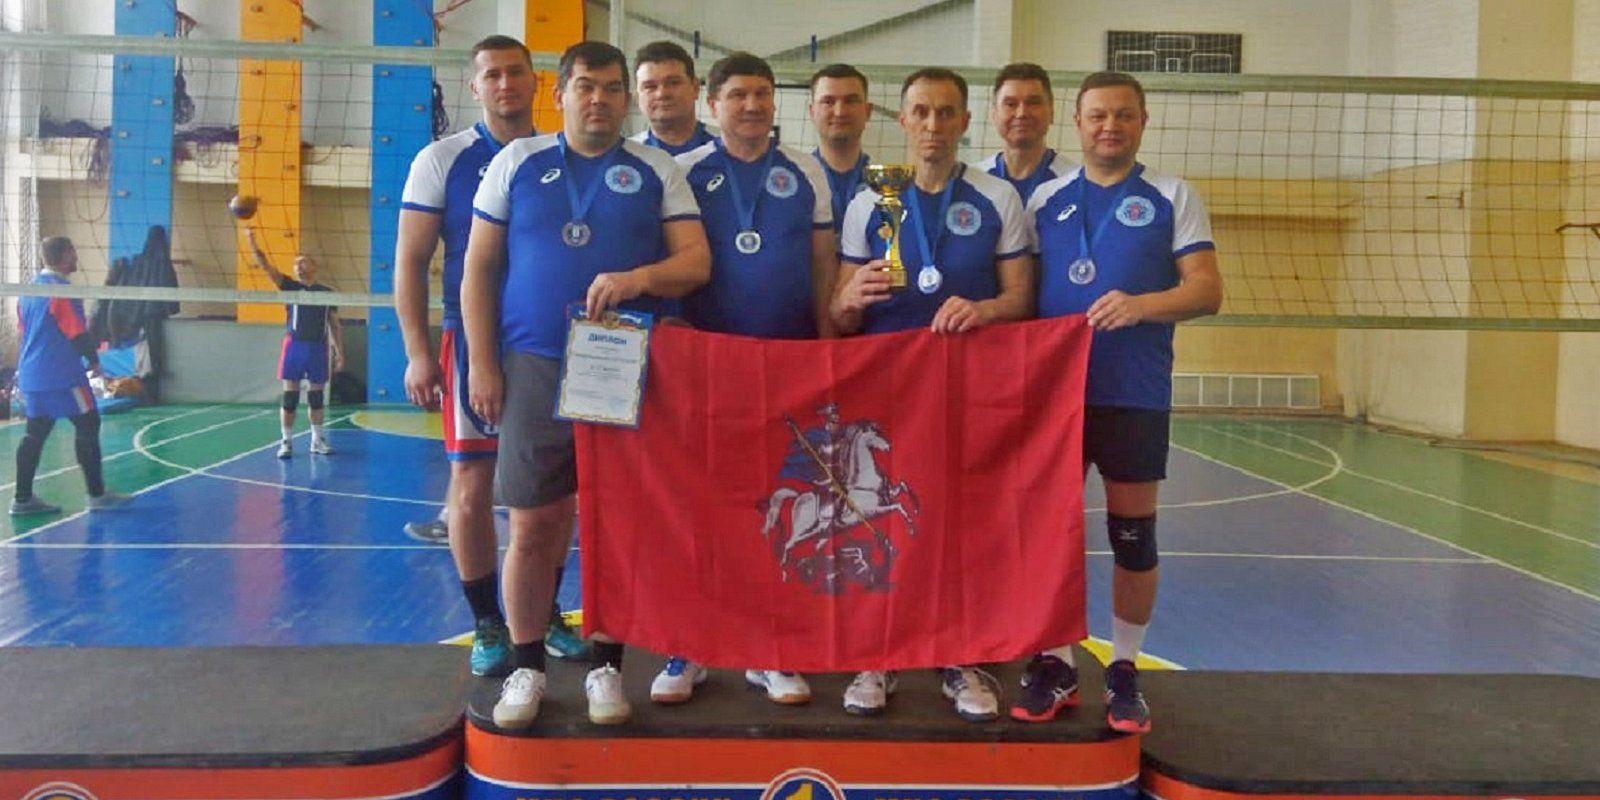 Московские спасатели завоевали «серебро» на турнире по волейболу